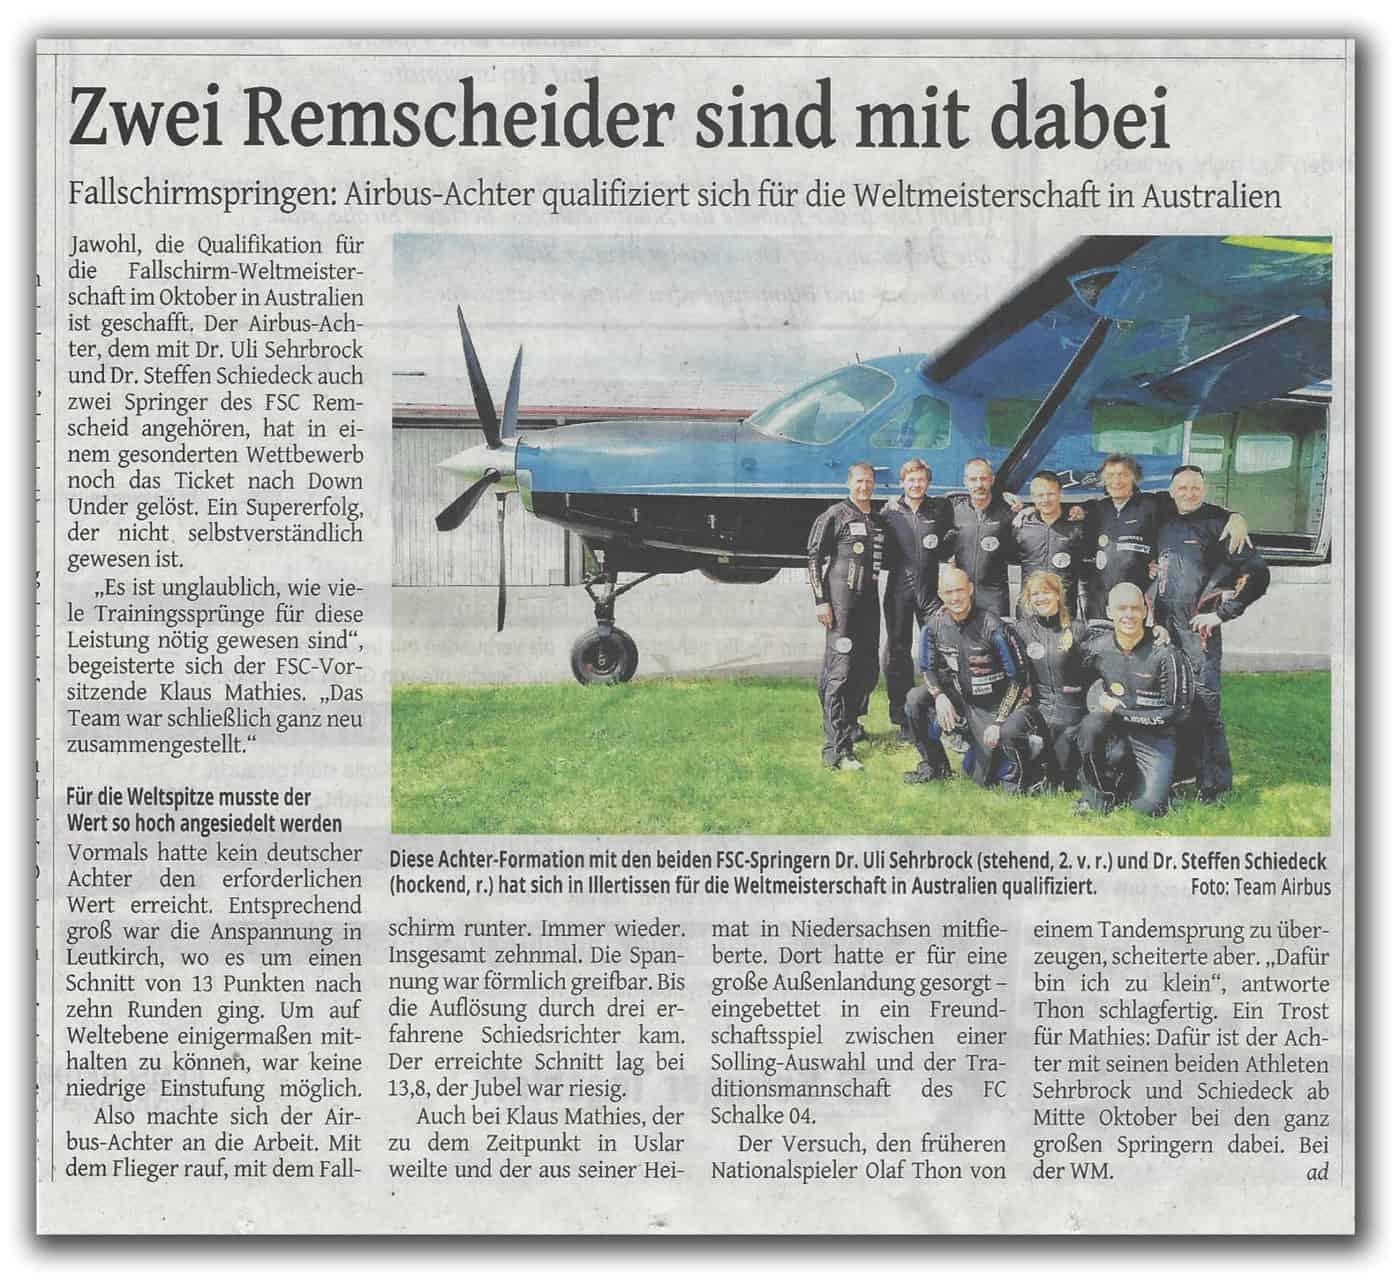 Pressebericht Deutschland Freifall Formations Achter Team hat sich qualifiziert.